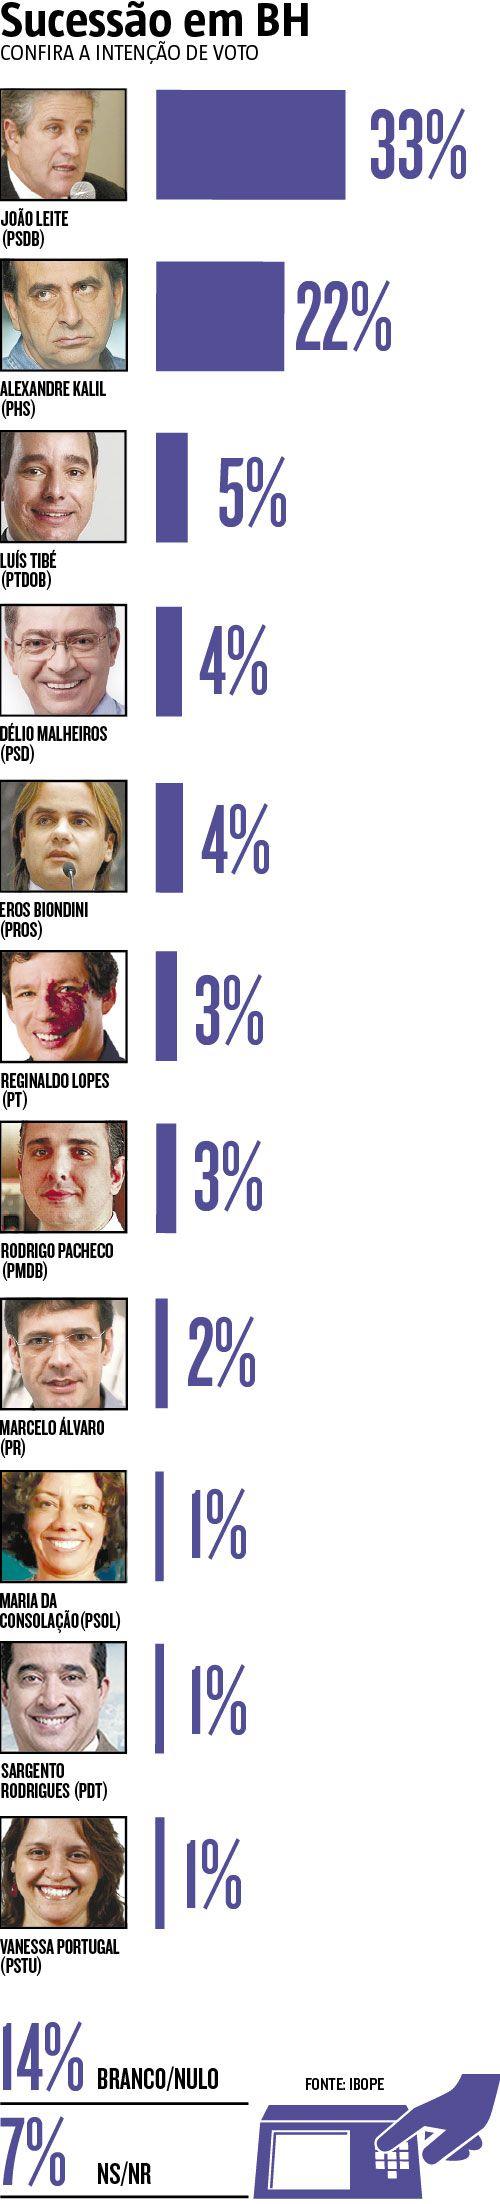 O candidato pelo PSDB João Leite venceria o primeiro e segundo turno das eleições para a prefeitura de BH, conforme pesquisa Ibope divulgada ontem. No primeiro turno, o tucano assumiria a PBH com margem de 11 pontos sobre Alexandre Kalil, com 33% a 22%. (15/09/2016) #JoãoLeite #Kalil #Política #Pesquisa #Votos #BeloHorizonte #Eleições #Campanha #Infográfico #Infografia #HojeEmDia